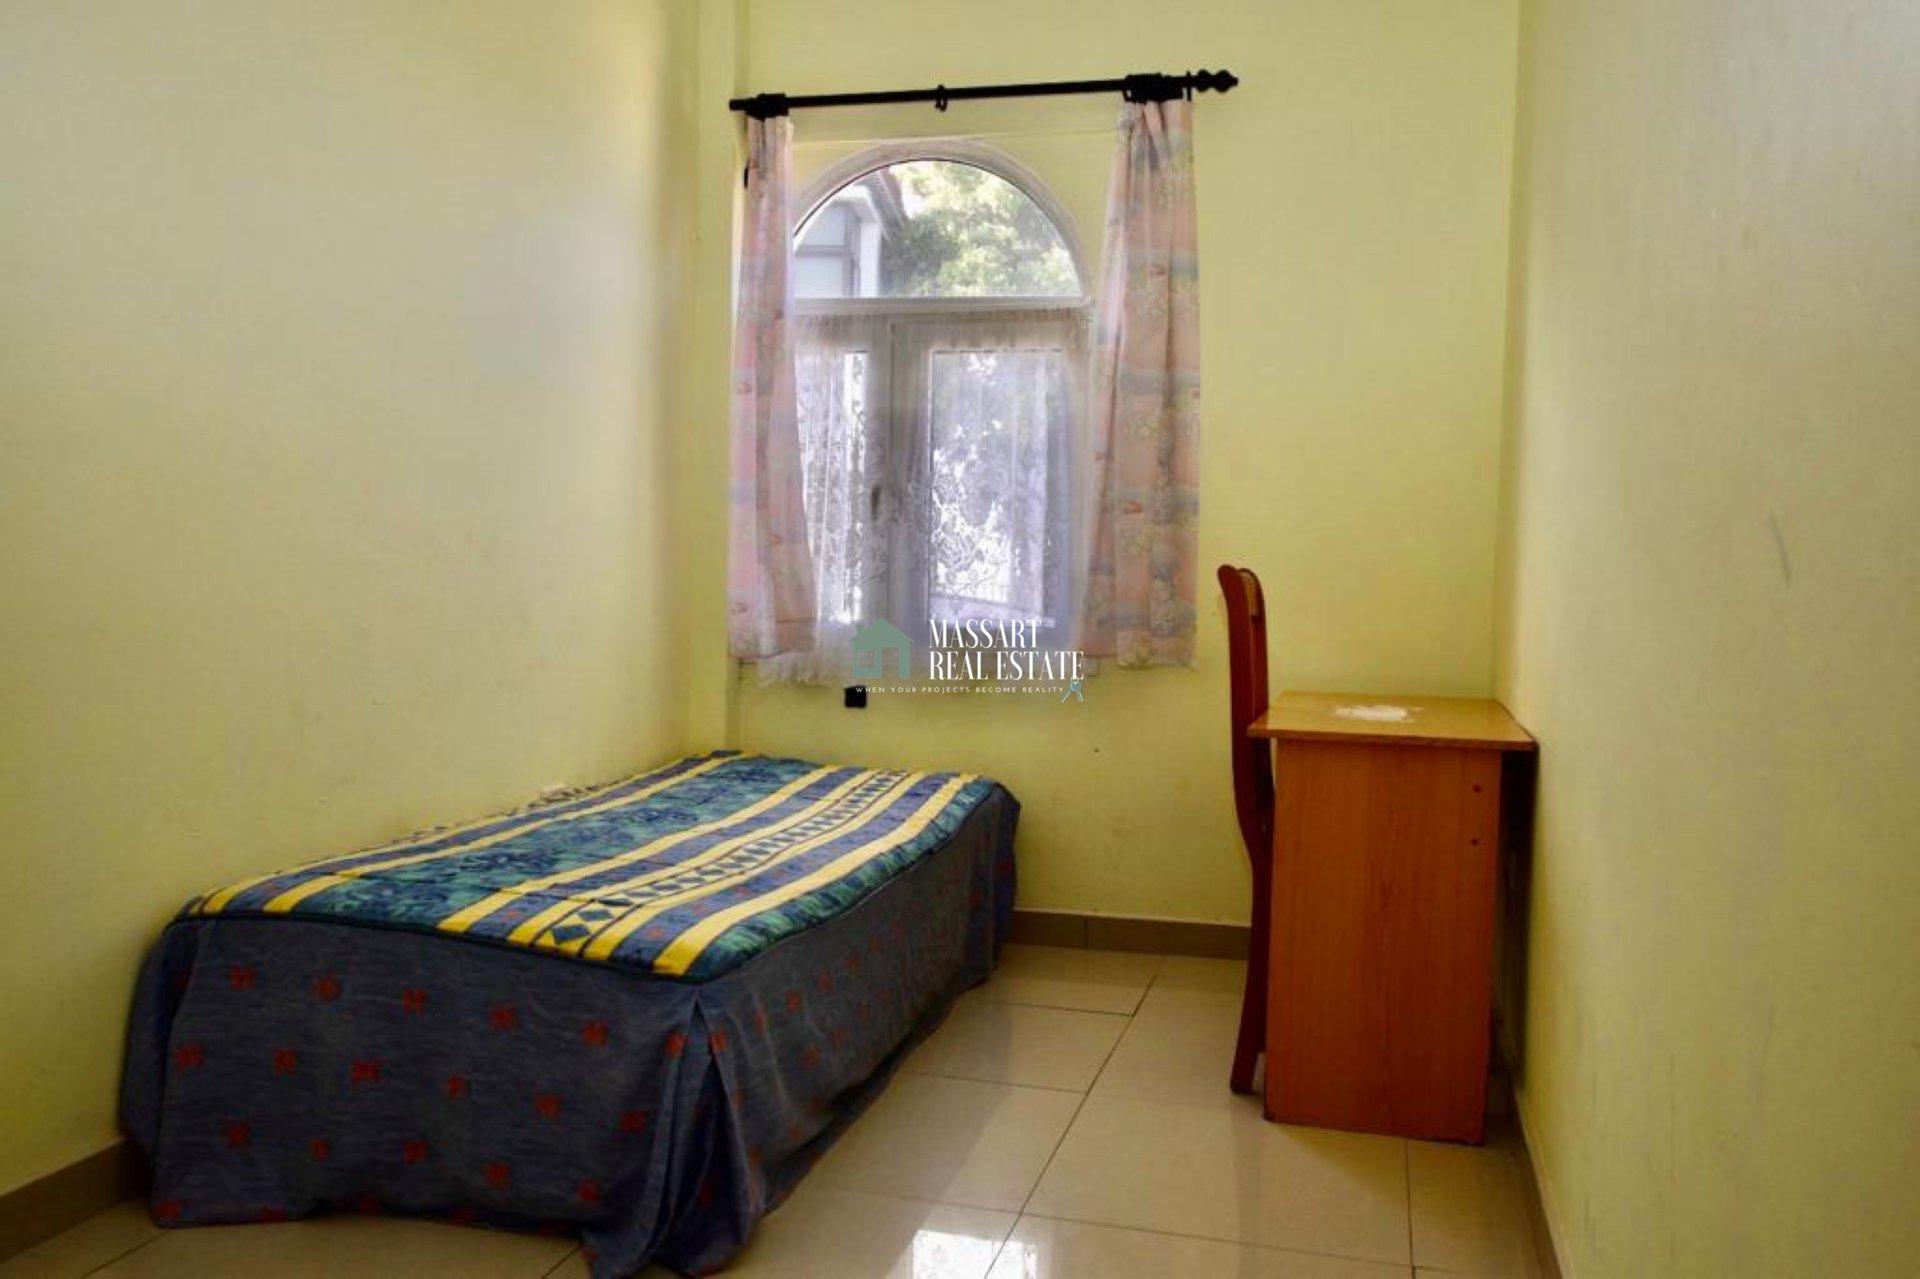 Te huur in Tijoco Alto (Adeje), licht appartement gekenmerkt door zijn grote omvang, zijn goede distributie en voor het bieden van een prachtig uitzicht op de zee en het eiland La Gomera.